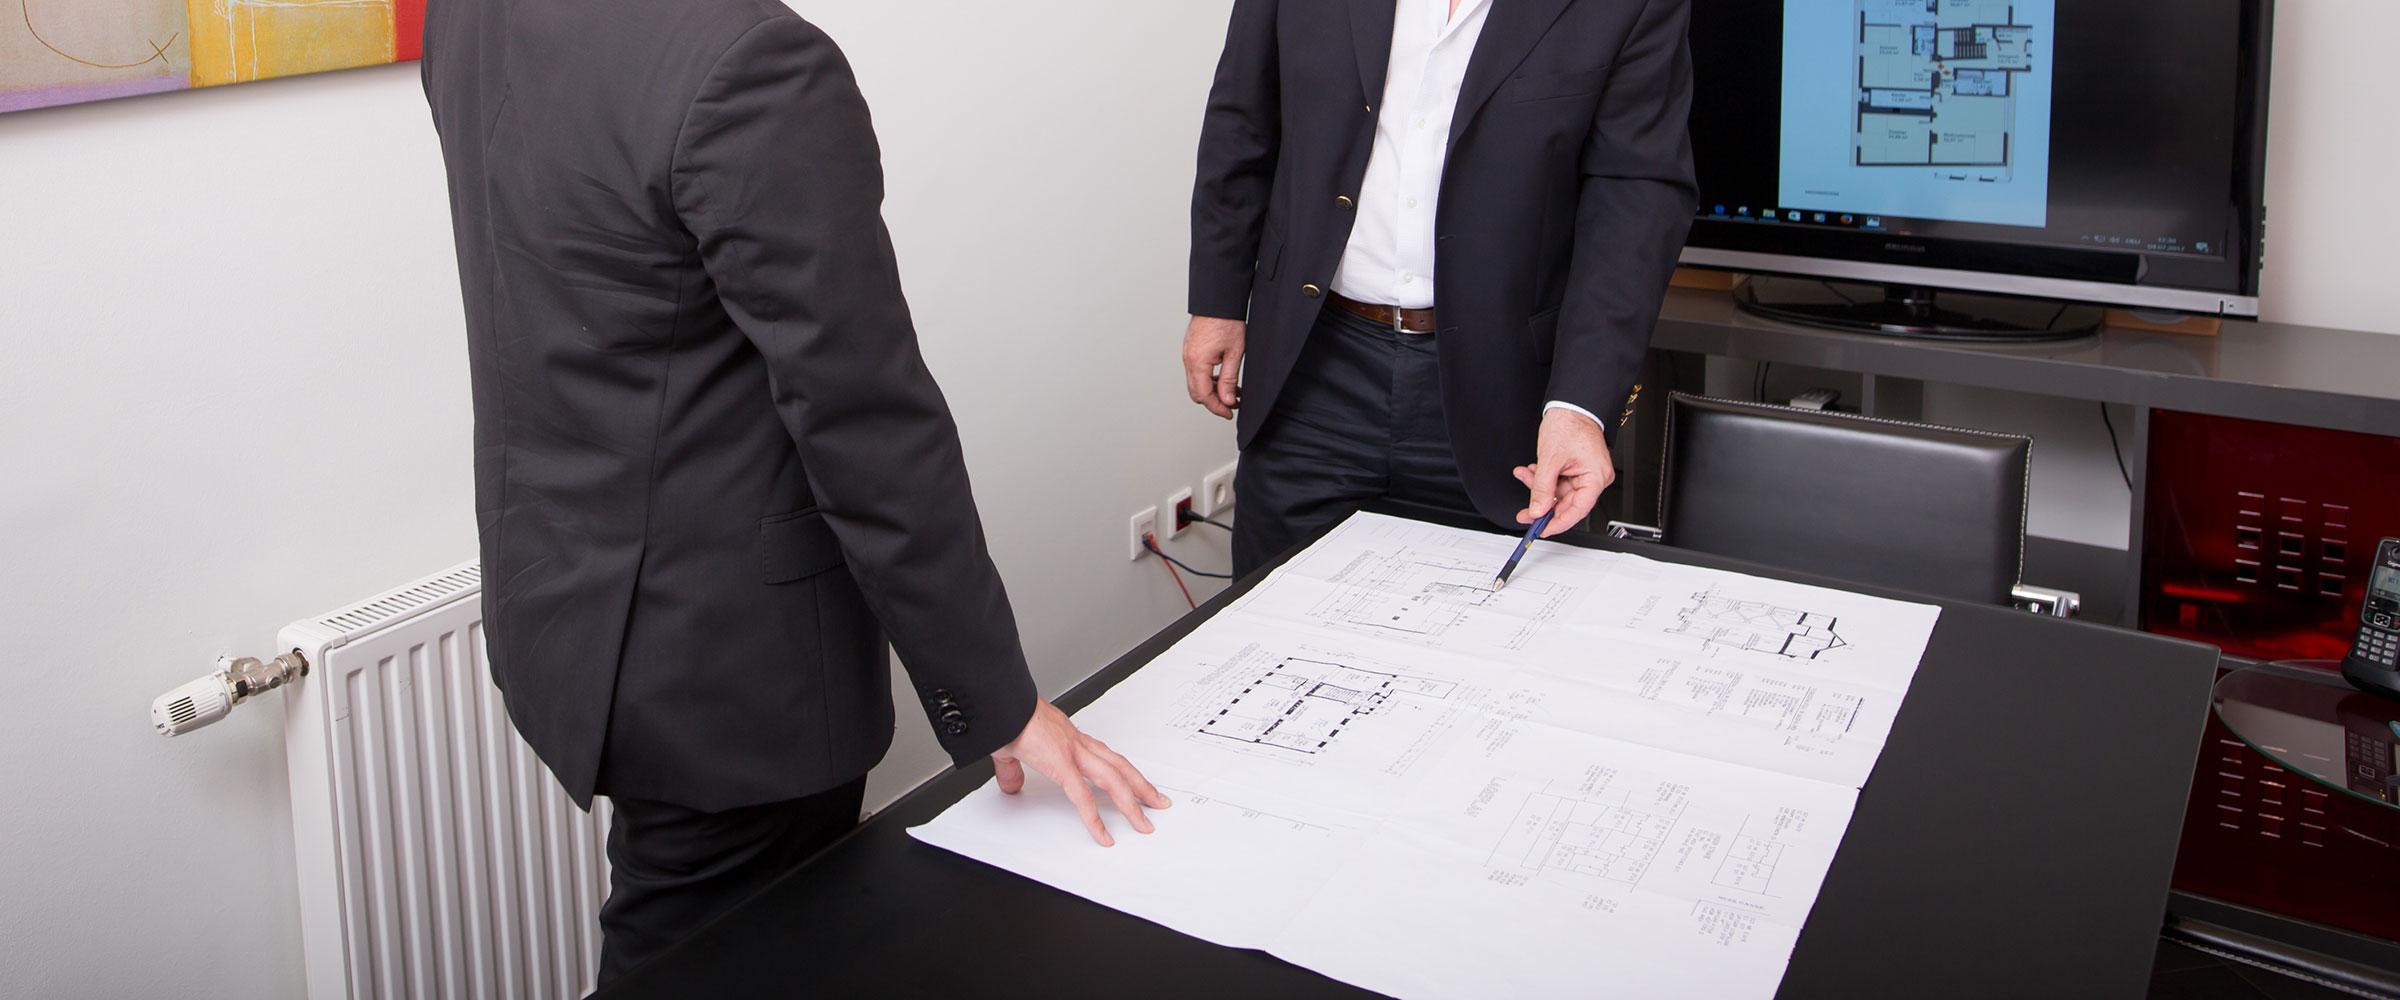 Zwei Herren stehend einem Tisch auf dem ein großer Plan ausgebreitet ist.